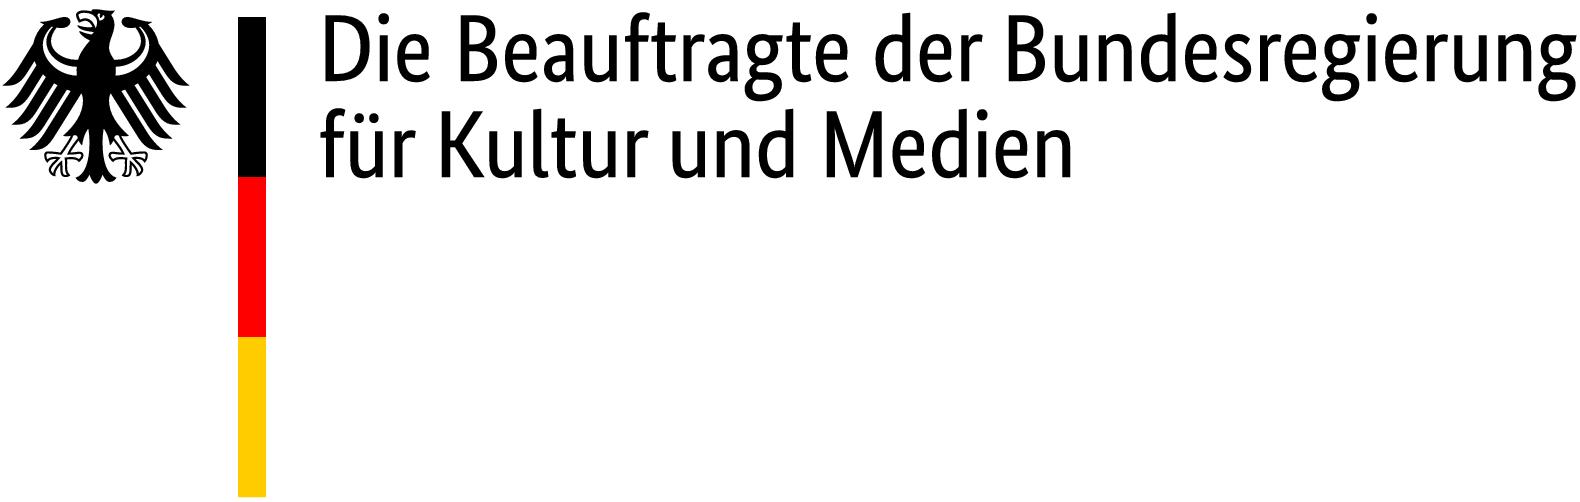 Die Beauftragte der Bundesregierung für Kultur und Medien Logo